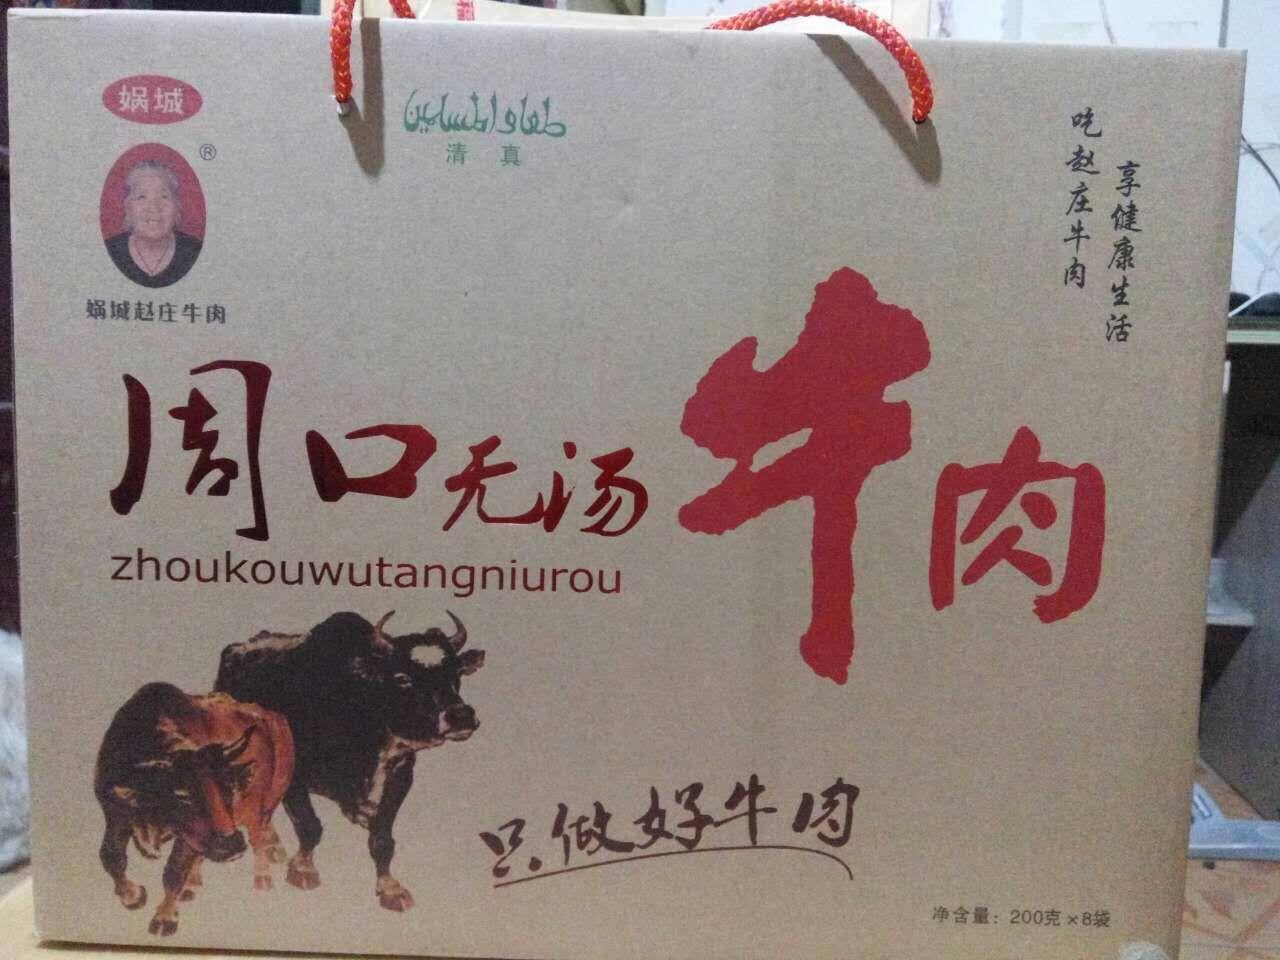 杞县燕语副食图片